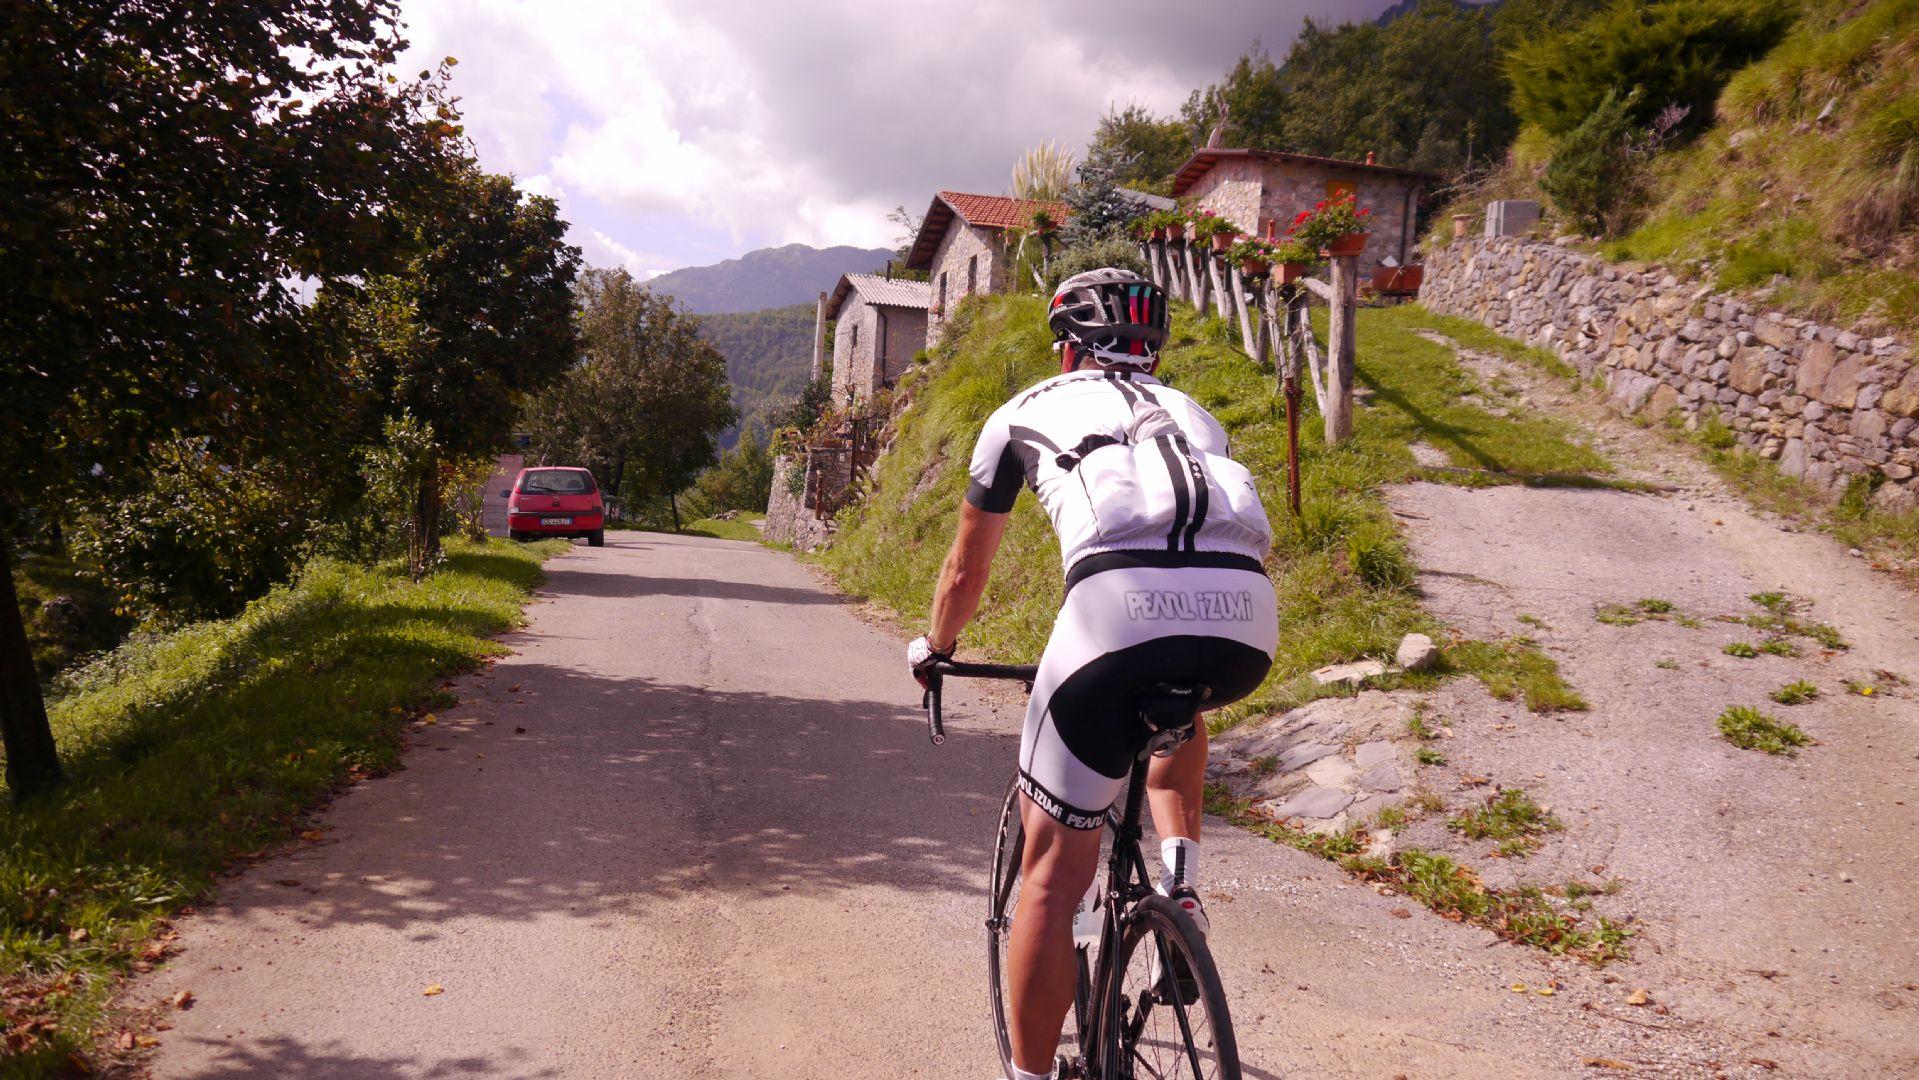 Jo and the mountain road.jpg - Italy - Garfagnana - The Mountains of Tuscany - Italia Road Cycling